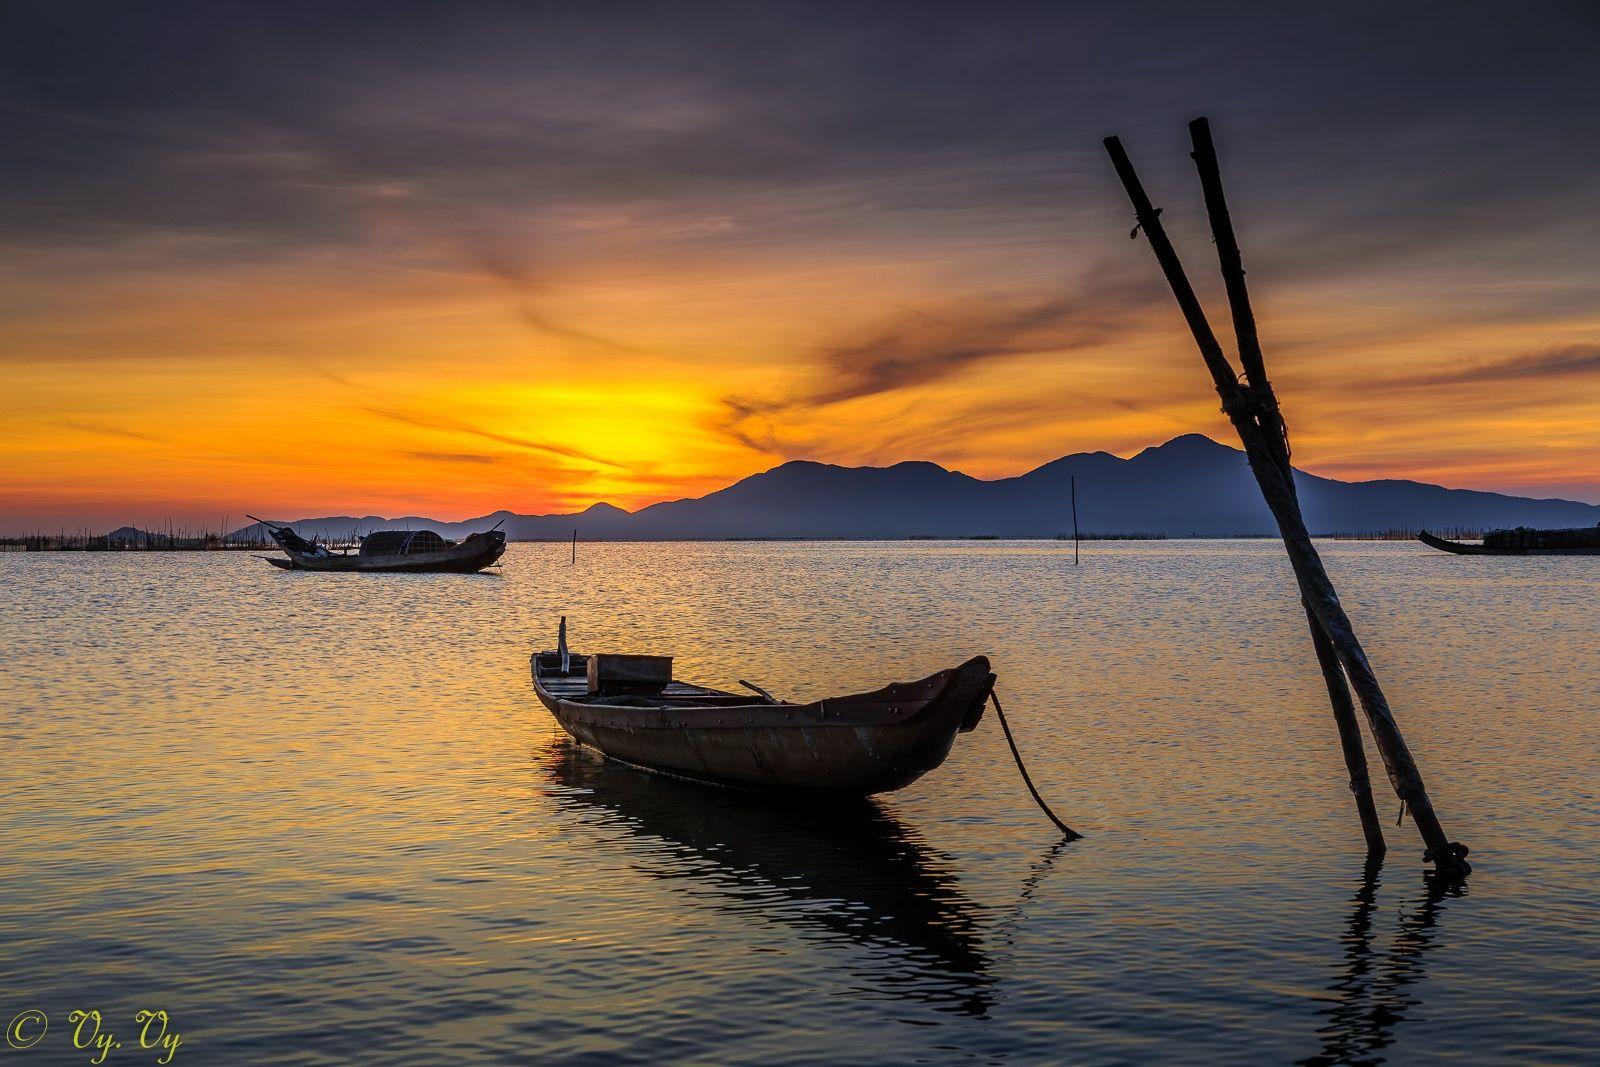 daybreak by Vy Vy on 500px